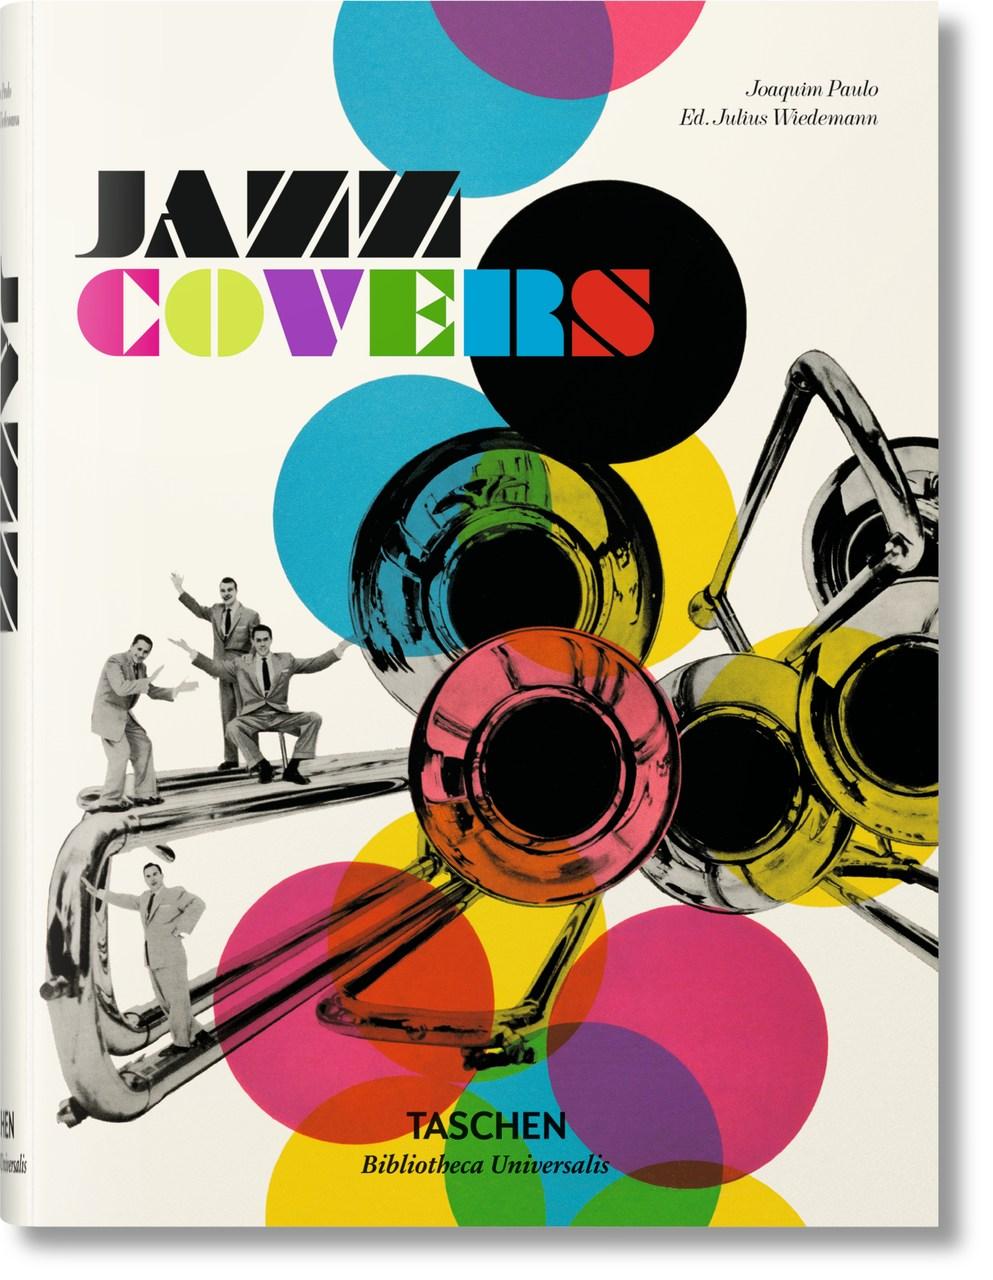 jazz_covers_Easy-Resize.com.jpg